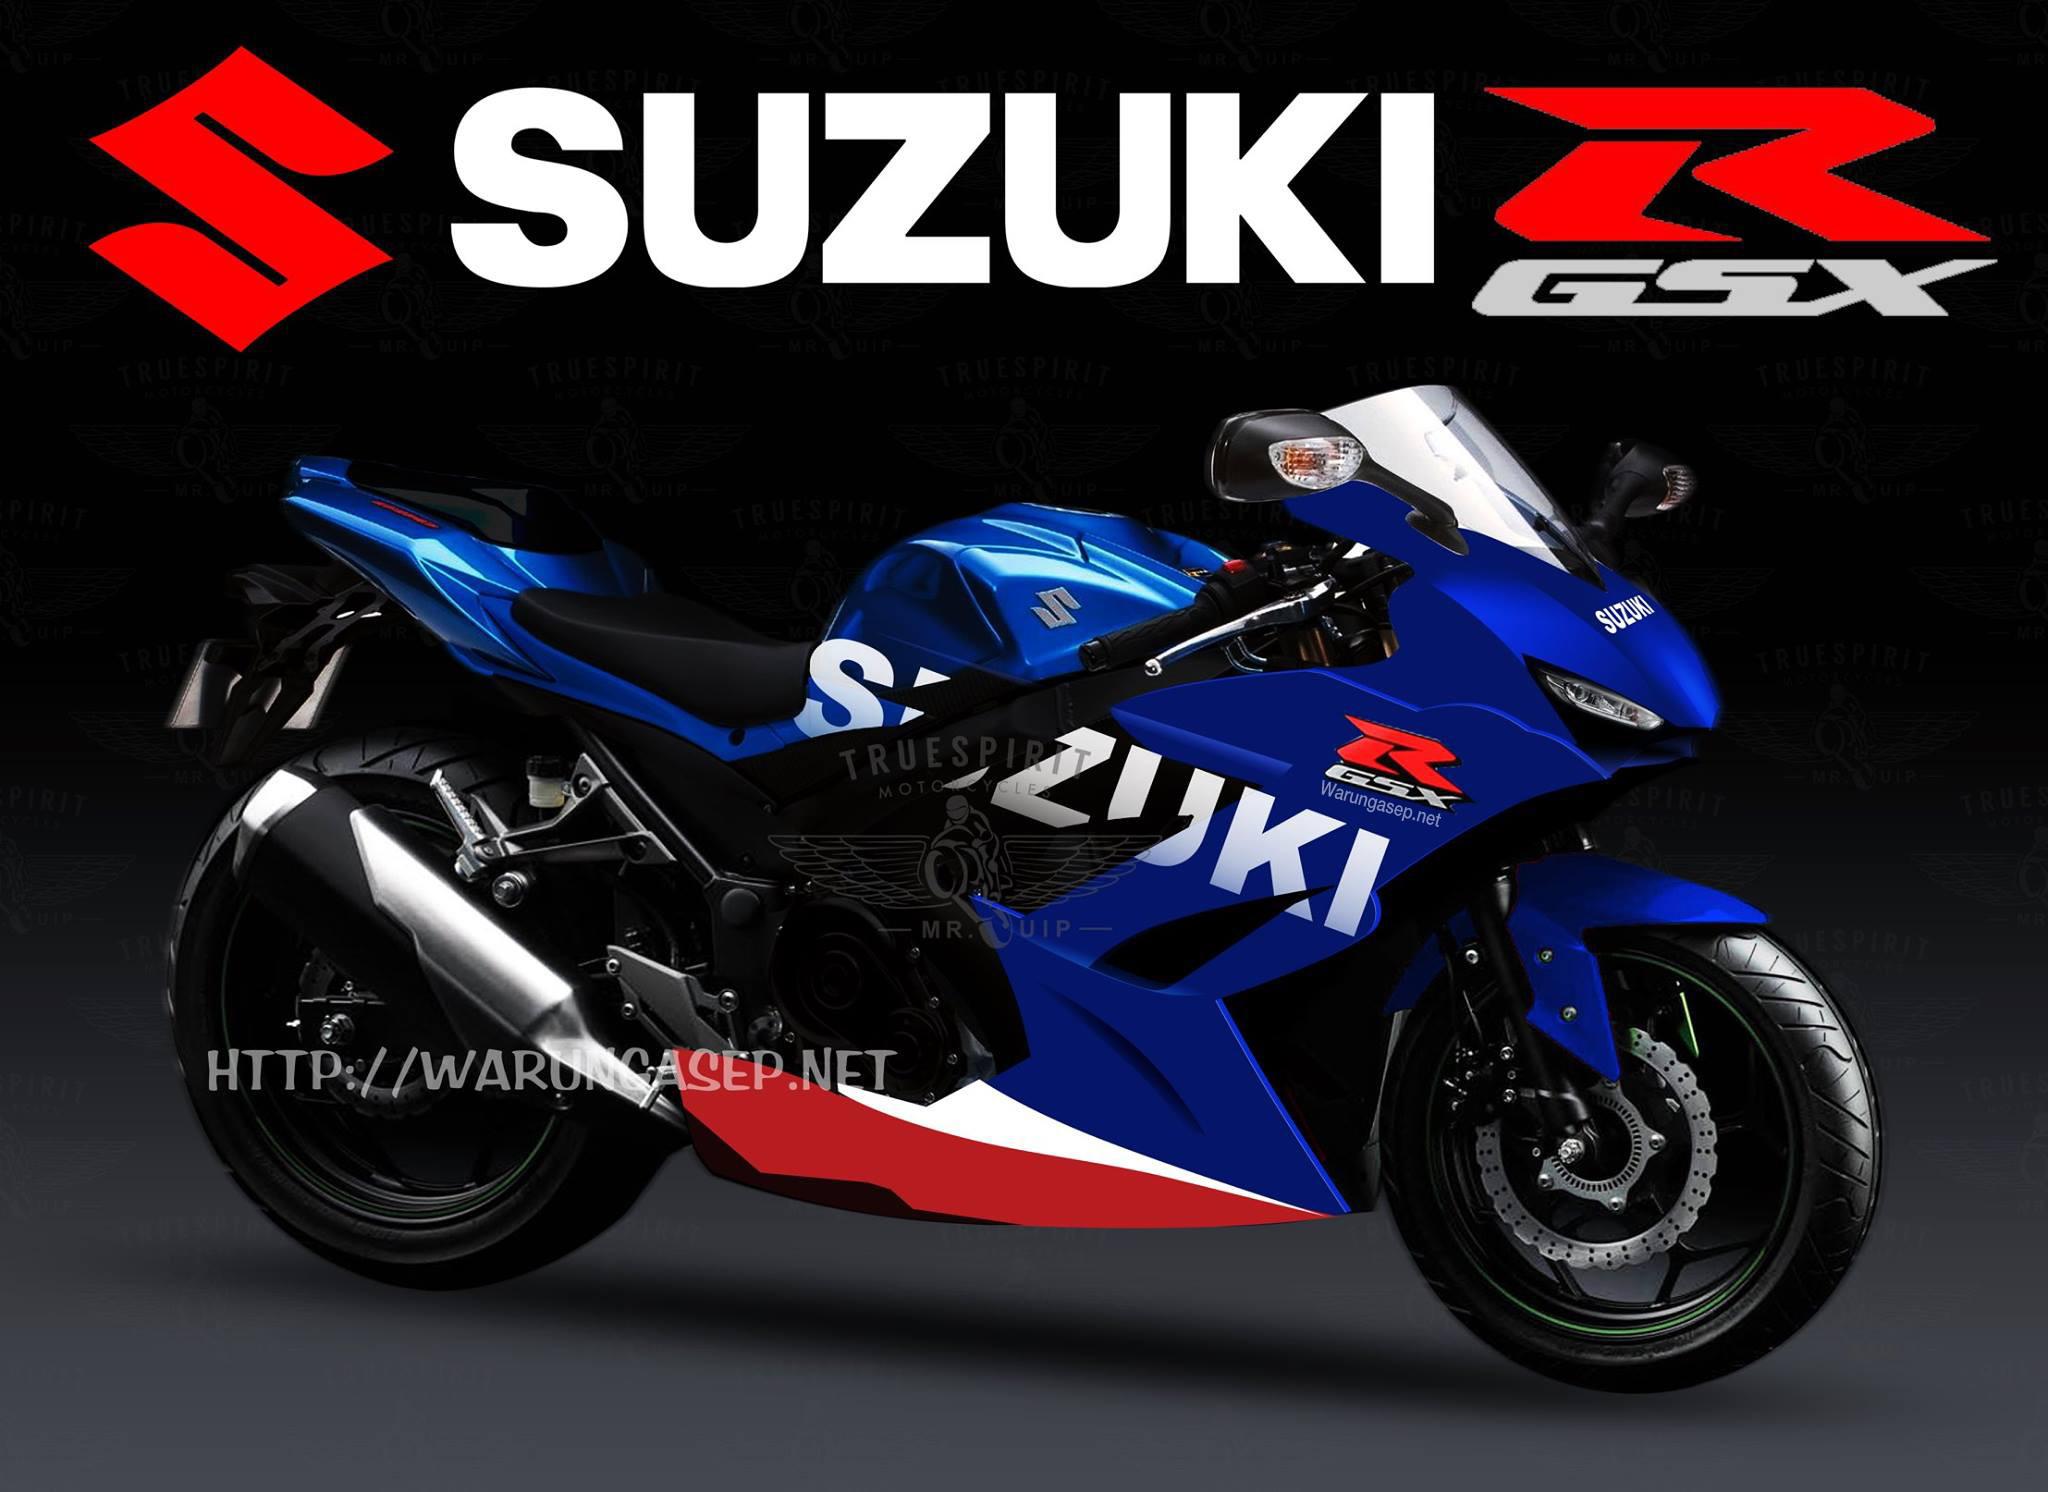 Penampakan Lebih Detail Suzuki Gsx R250 Full Dari Samping Warungasep